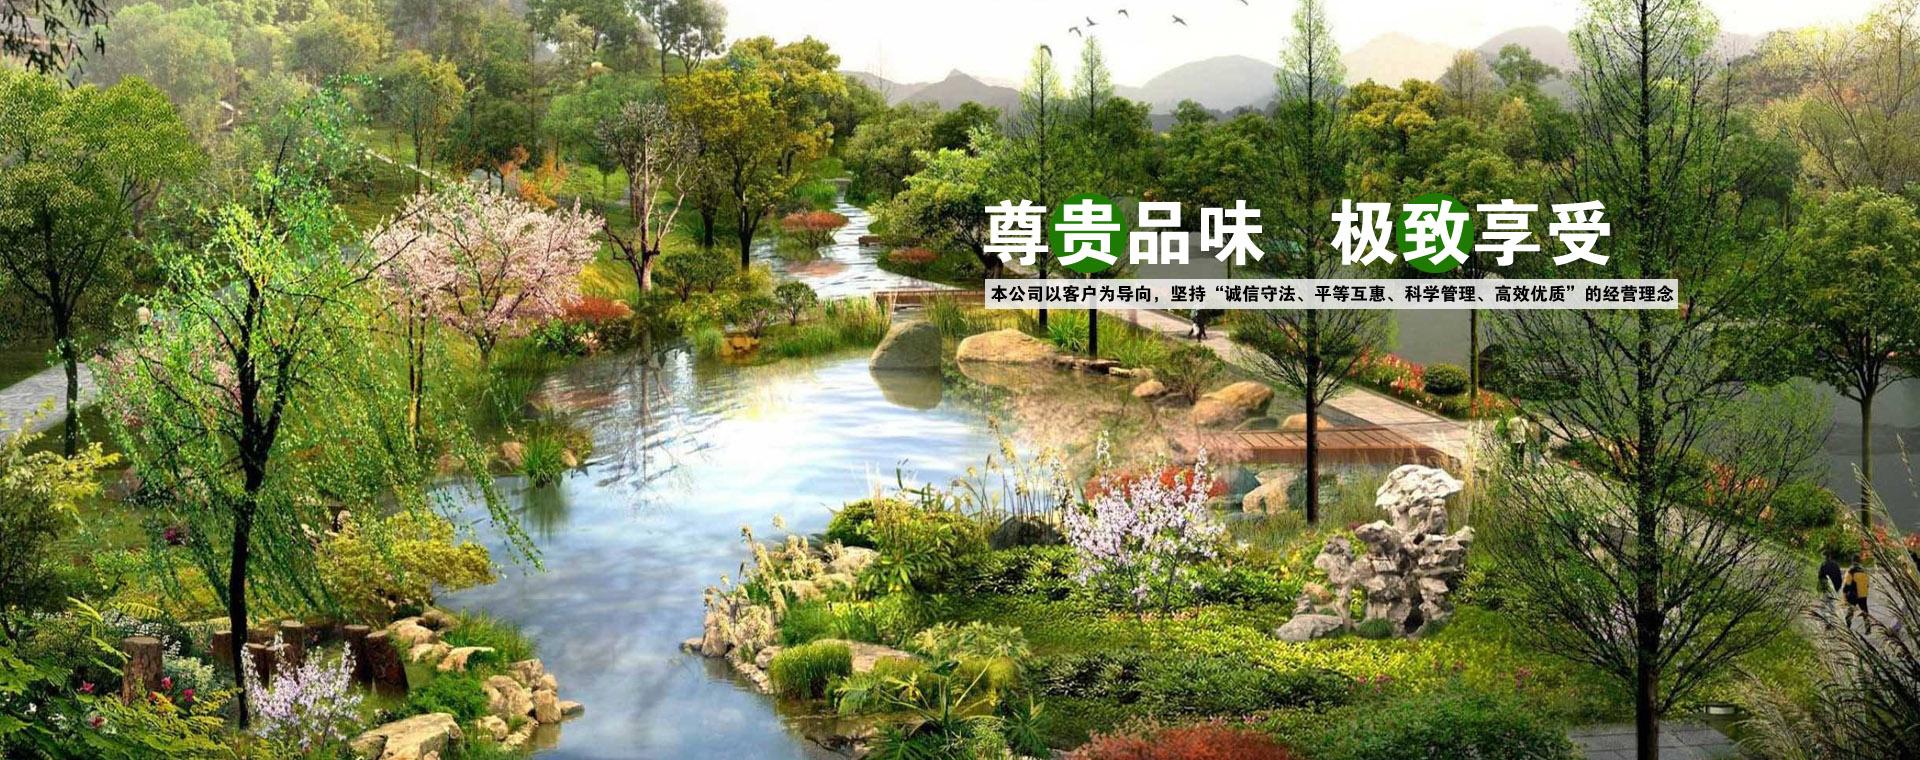 东莞东莞城区园林建设有限公司